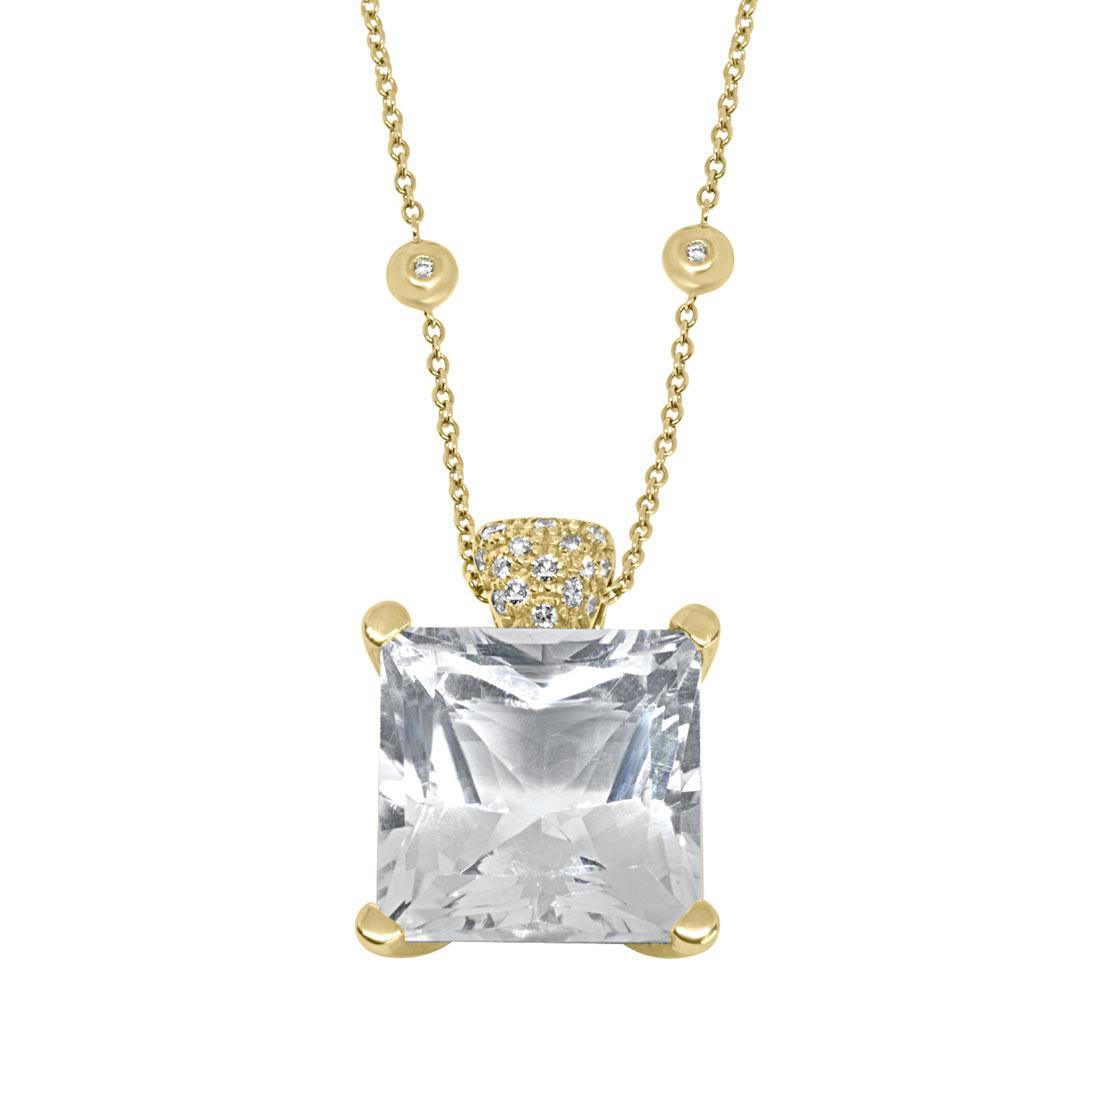 Collana in oro giallo con pietra semipreziosa - ALFIERI & ST.JOHN